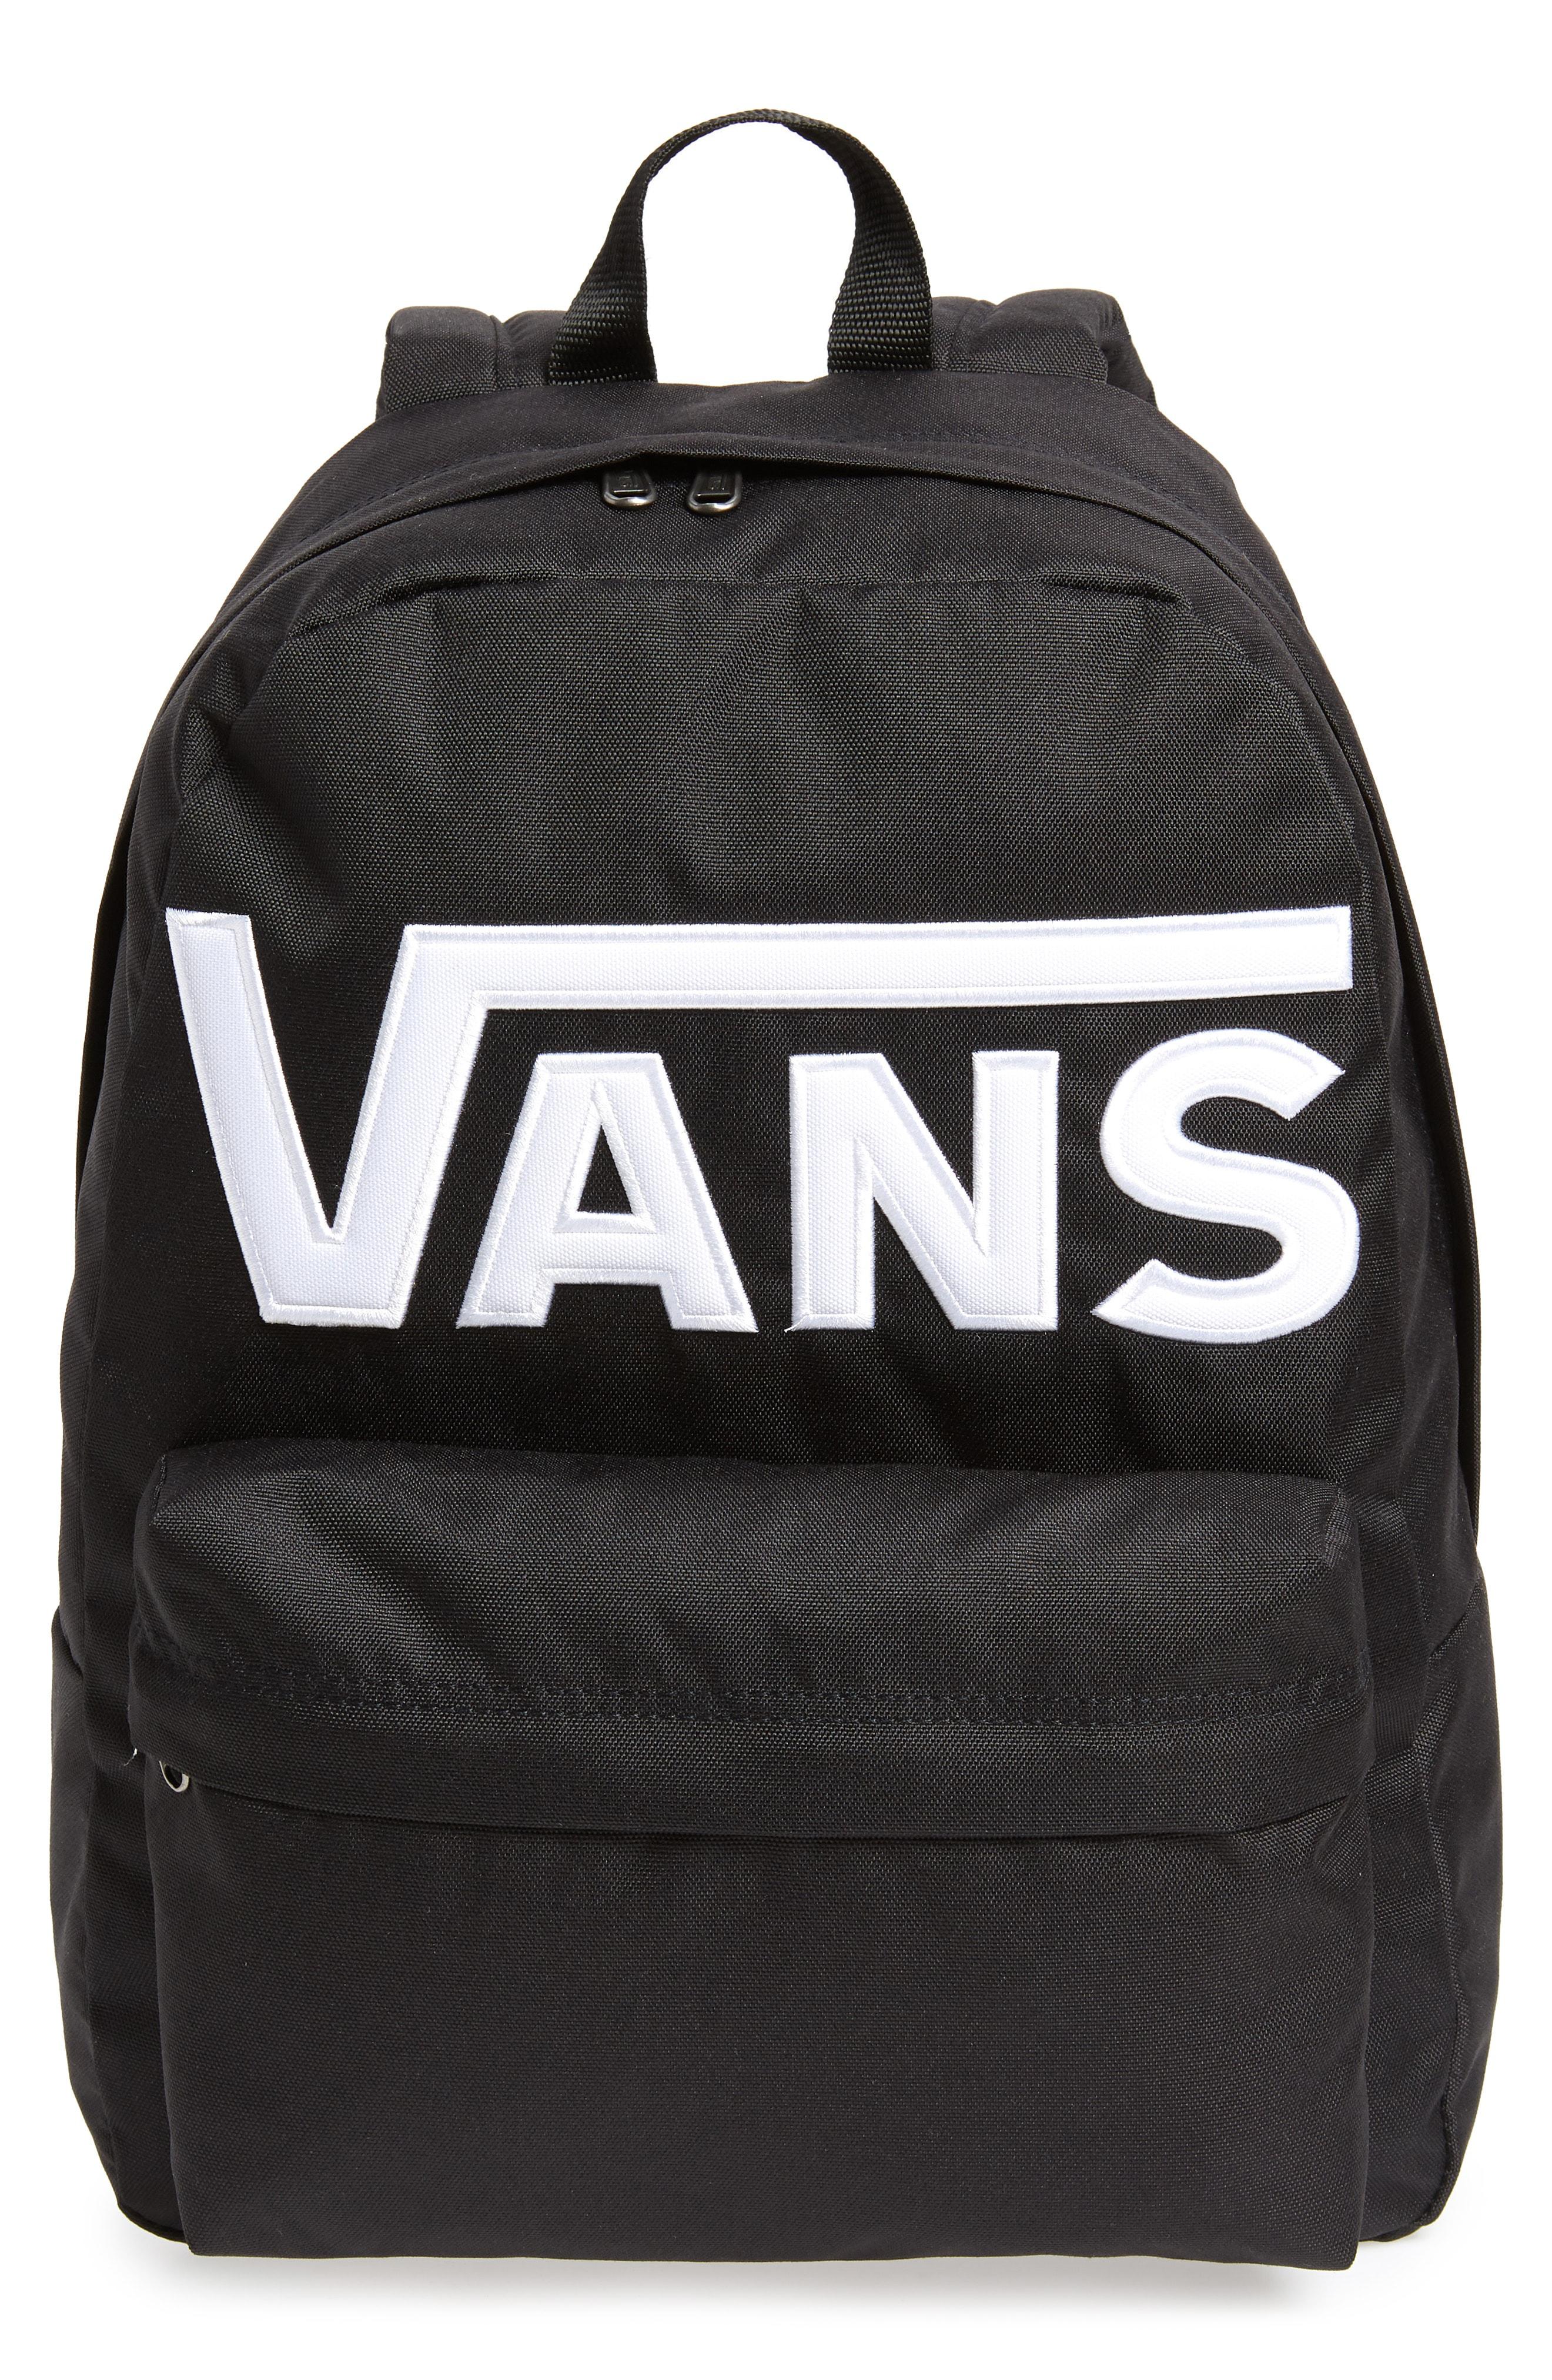 aeff1ee052 Vans Old Skool Ii Backpack - Green In Classic Camo  Black